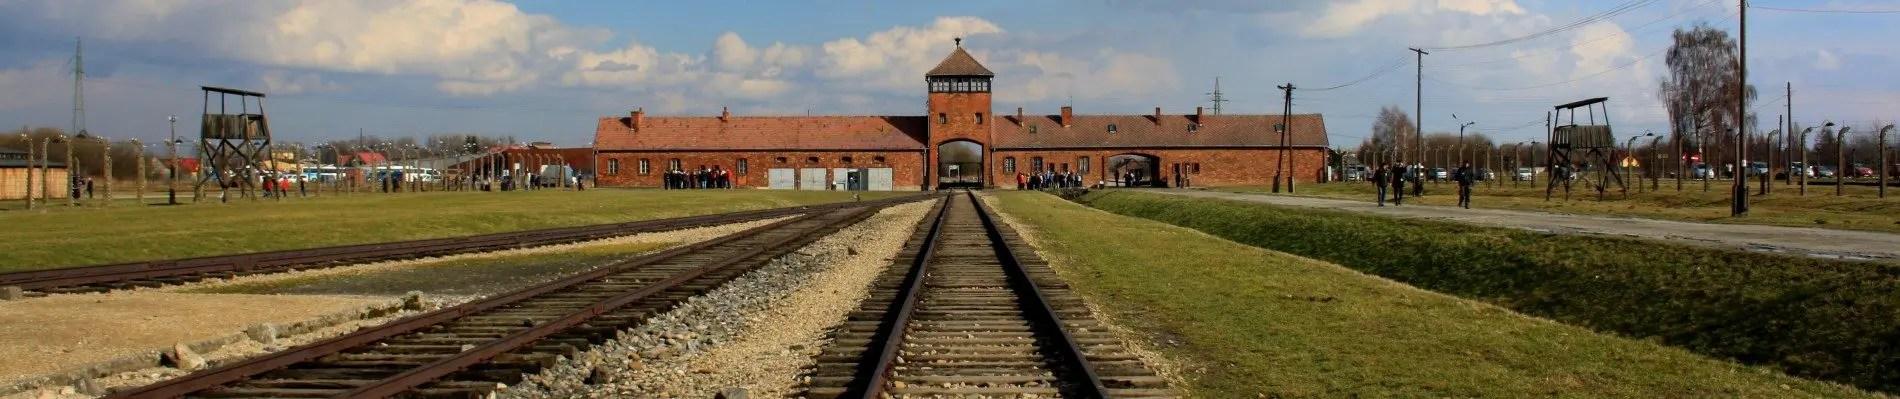 Bezoek Auschwitz: voormalig concentratiekamp